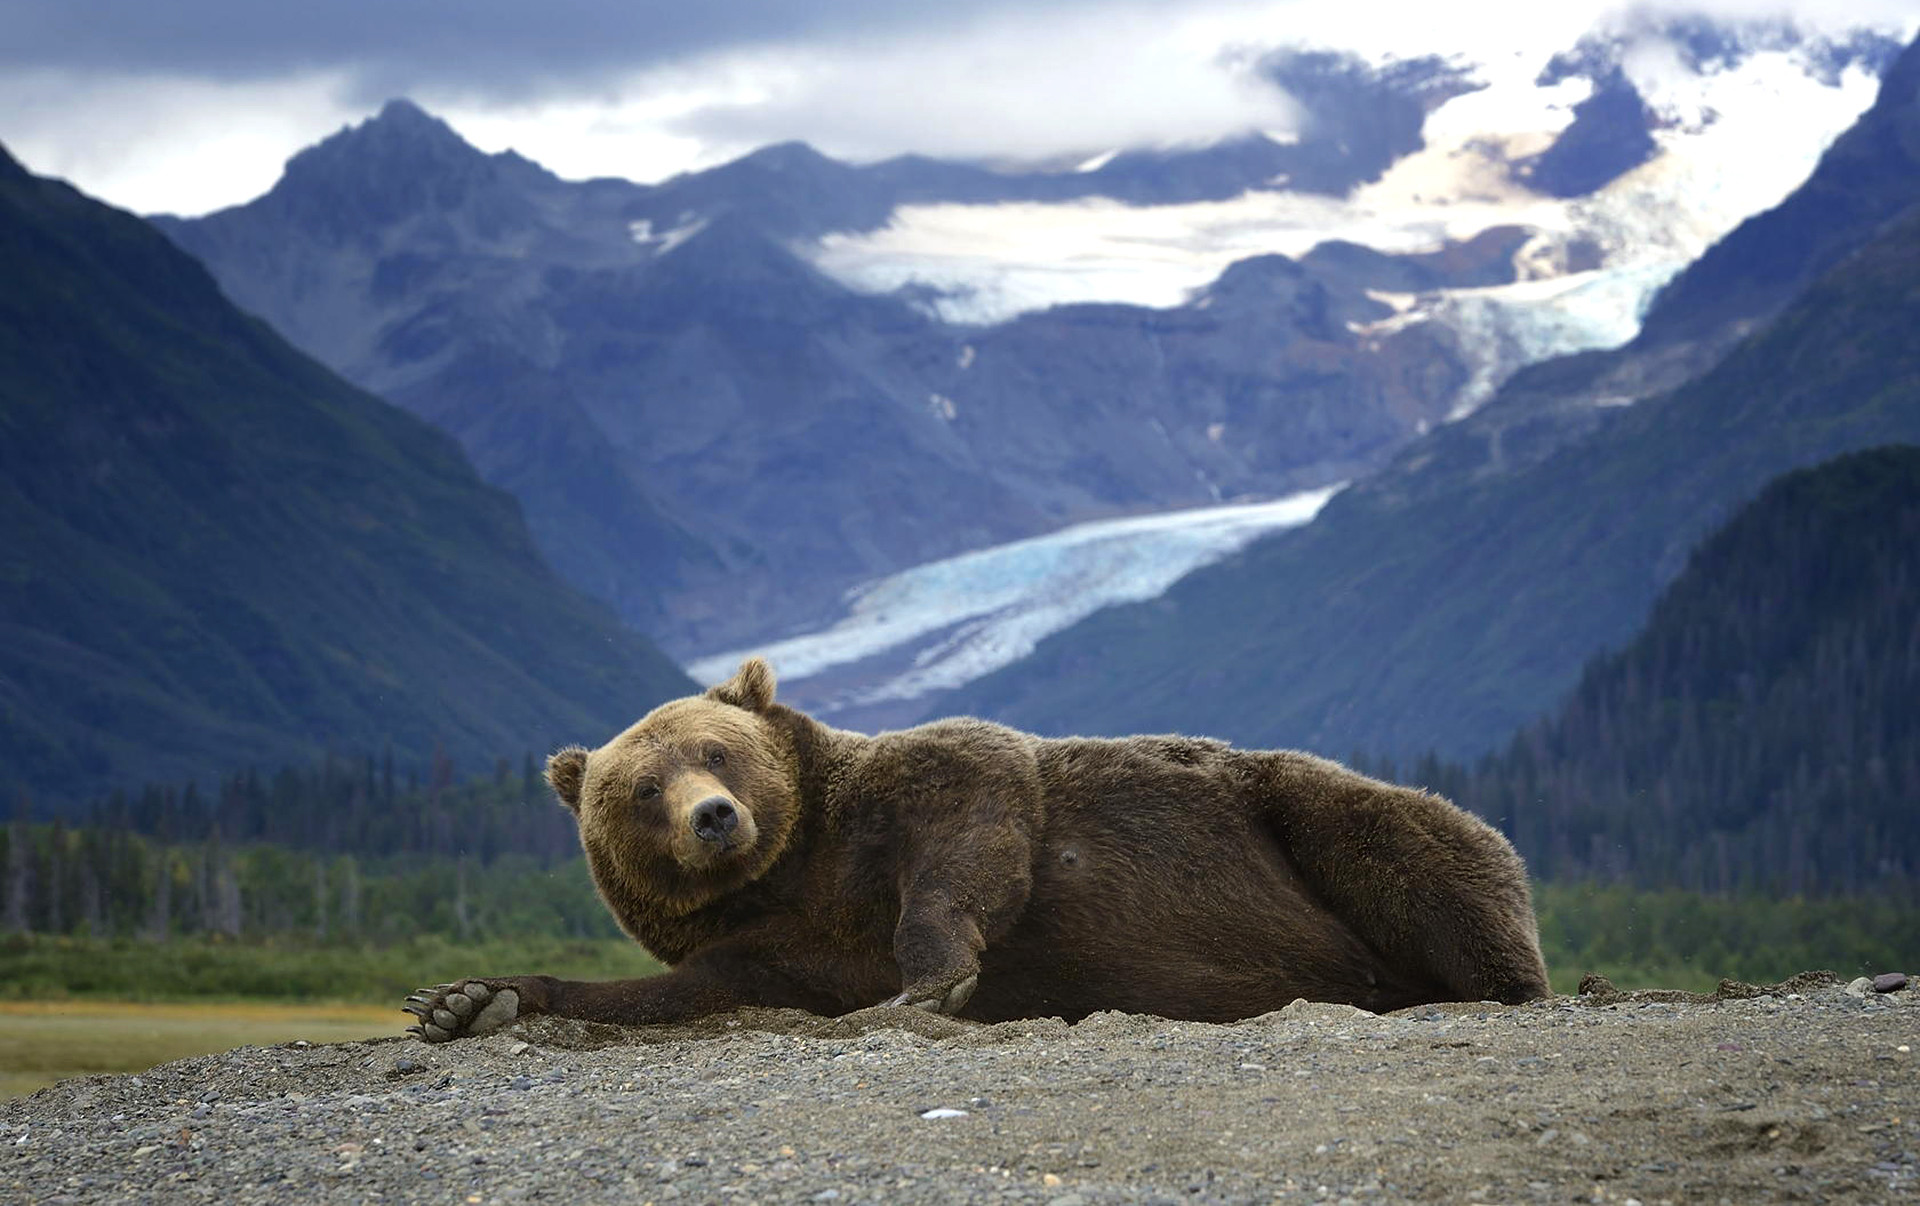 Alaska Wallpaper Screensaver